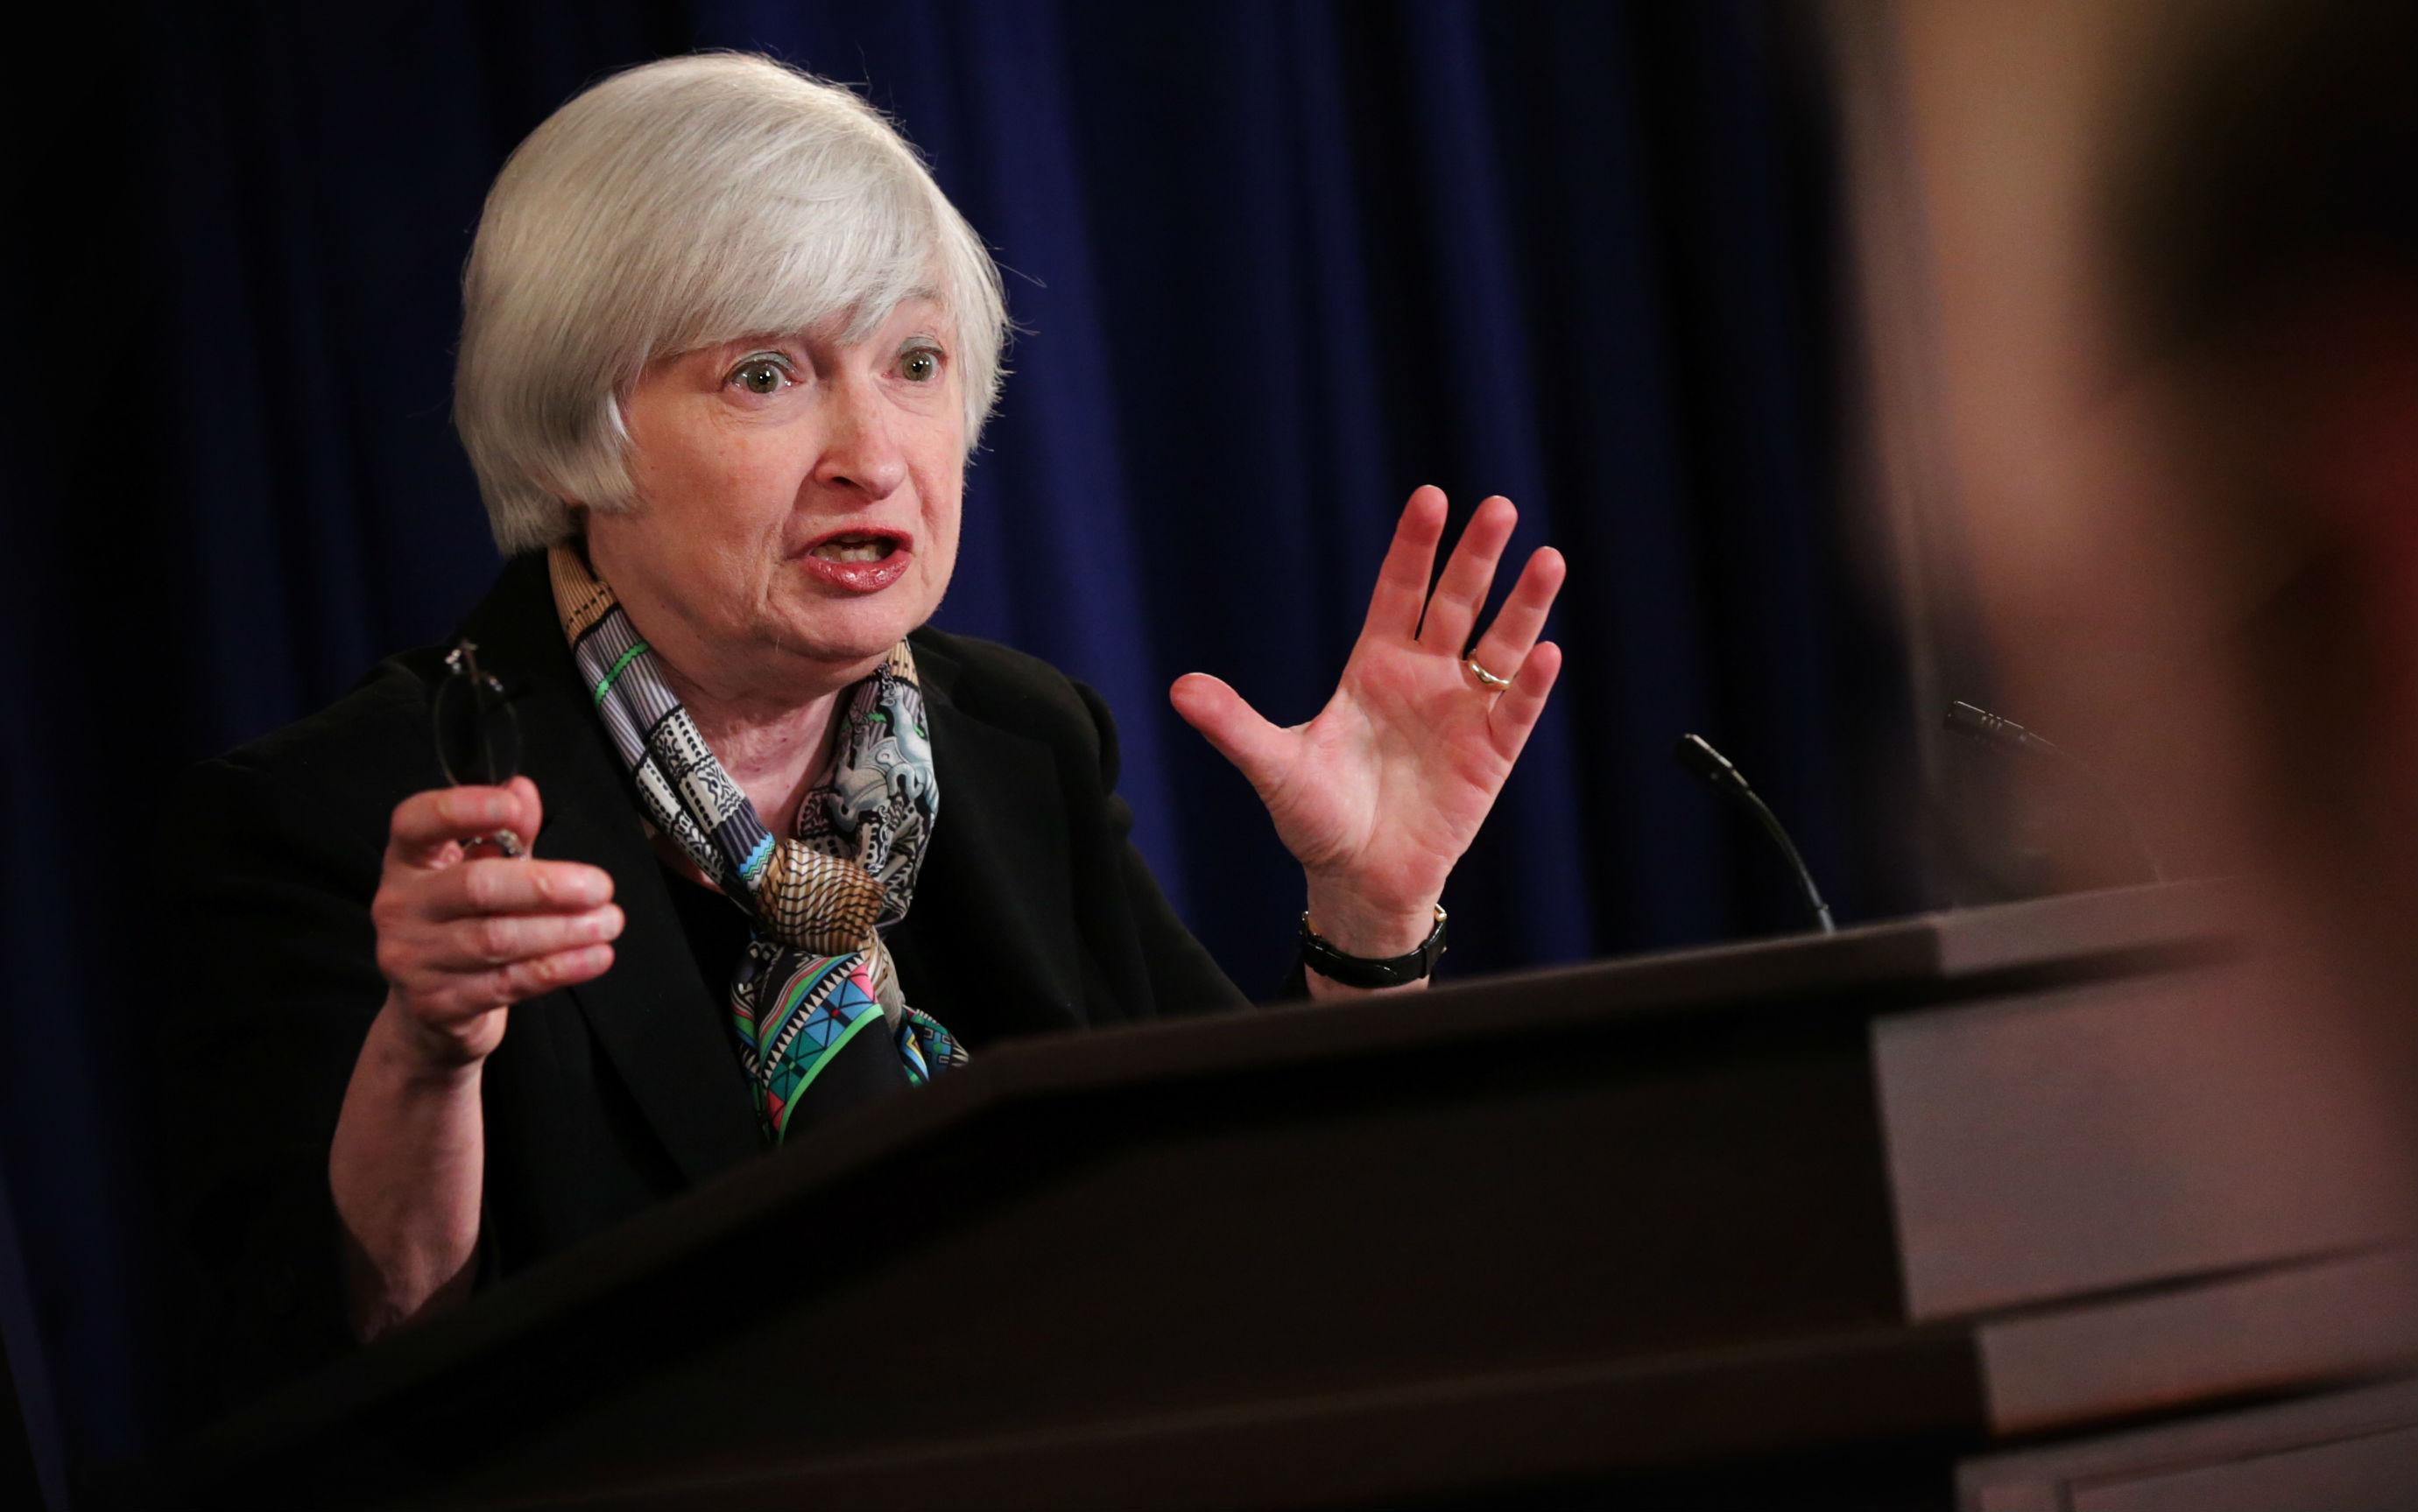 التالي على المفكرة الاقتصادية: خطاب يلين محافظ الفيدرالي الأمريكي